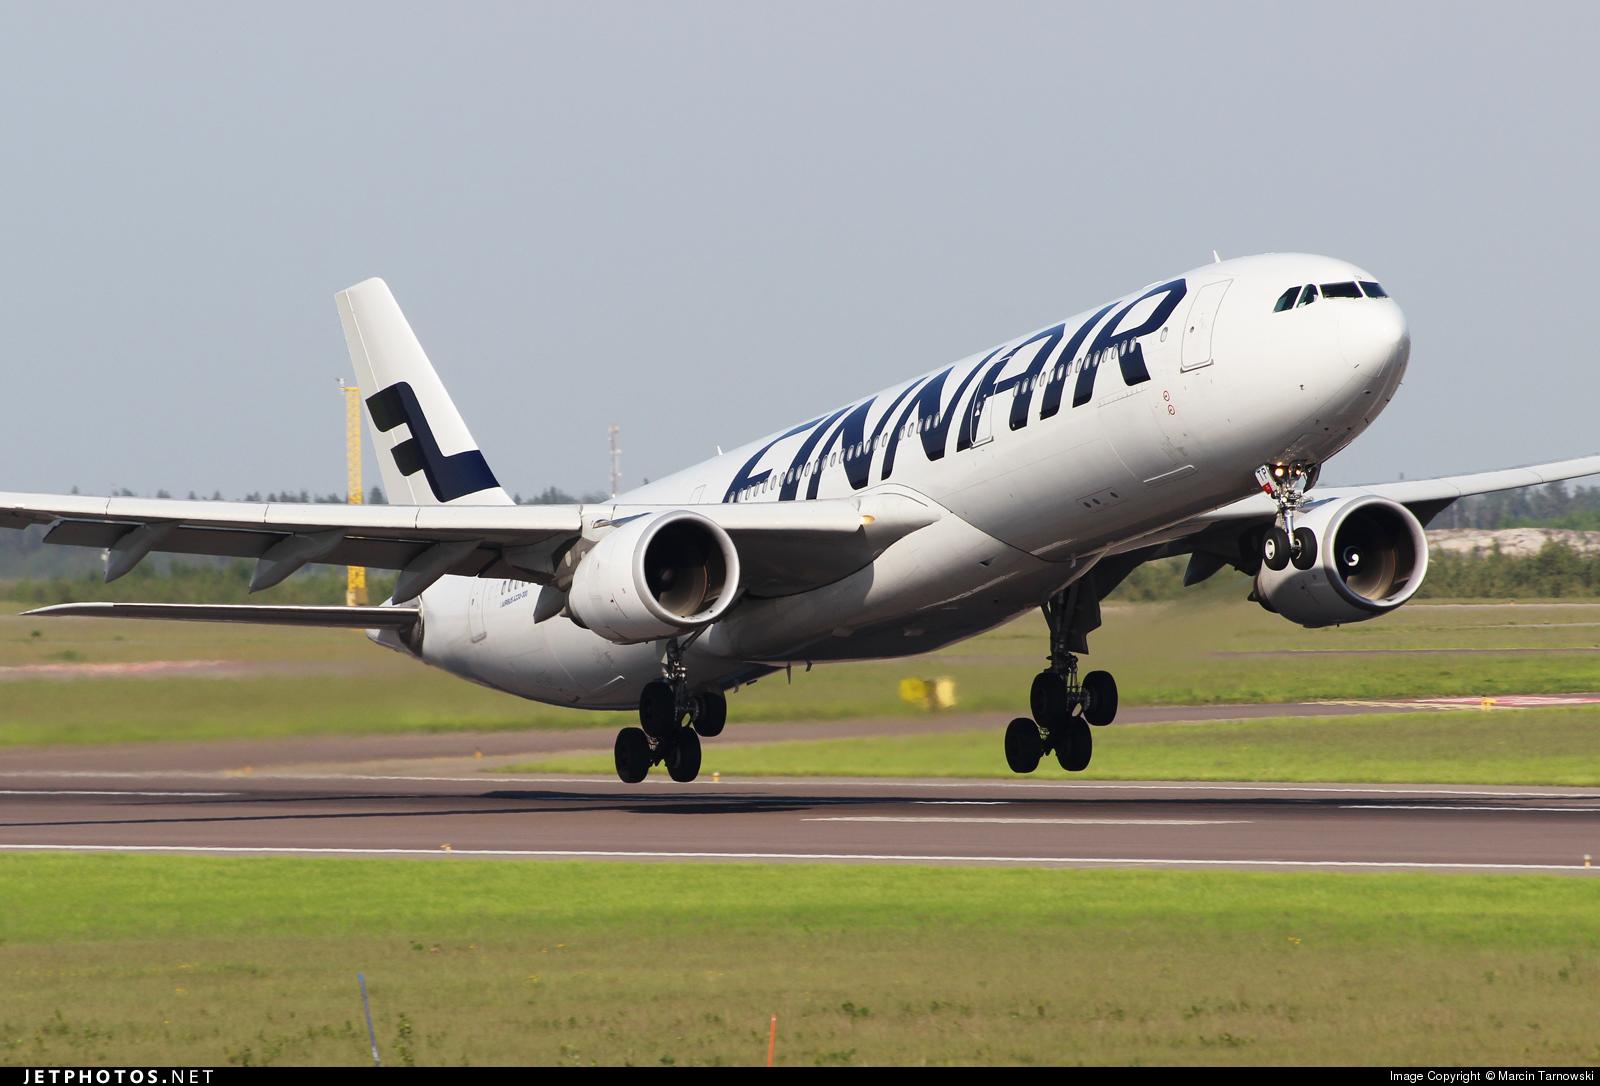 OH-LTP - Airbus A330-302 - Finnair